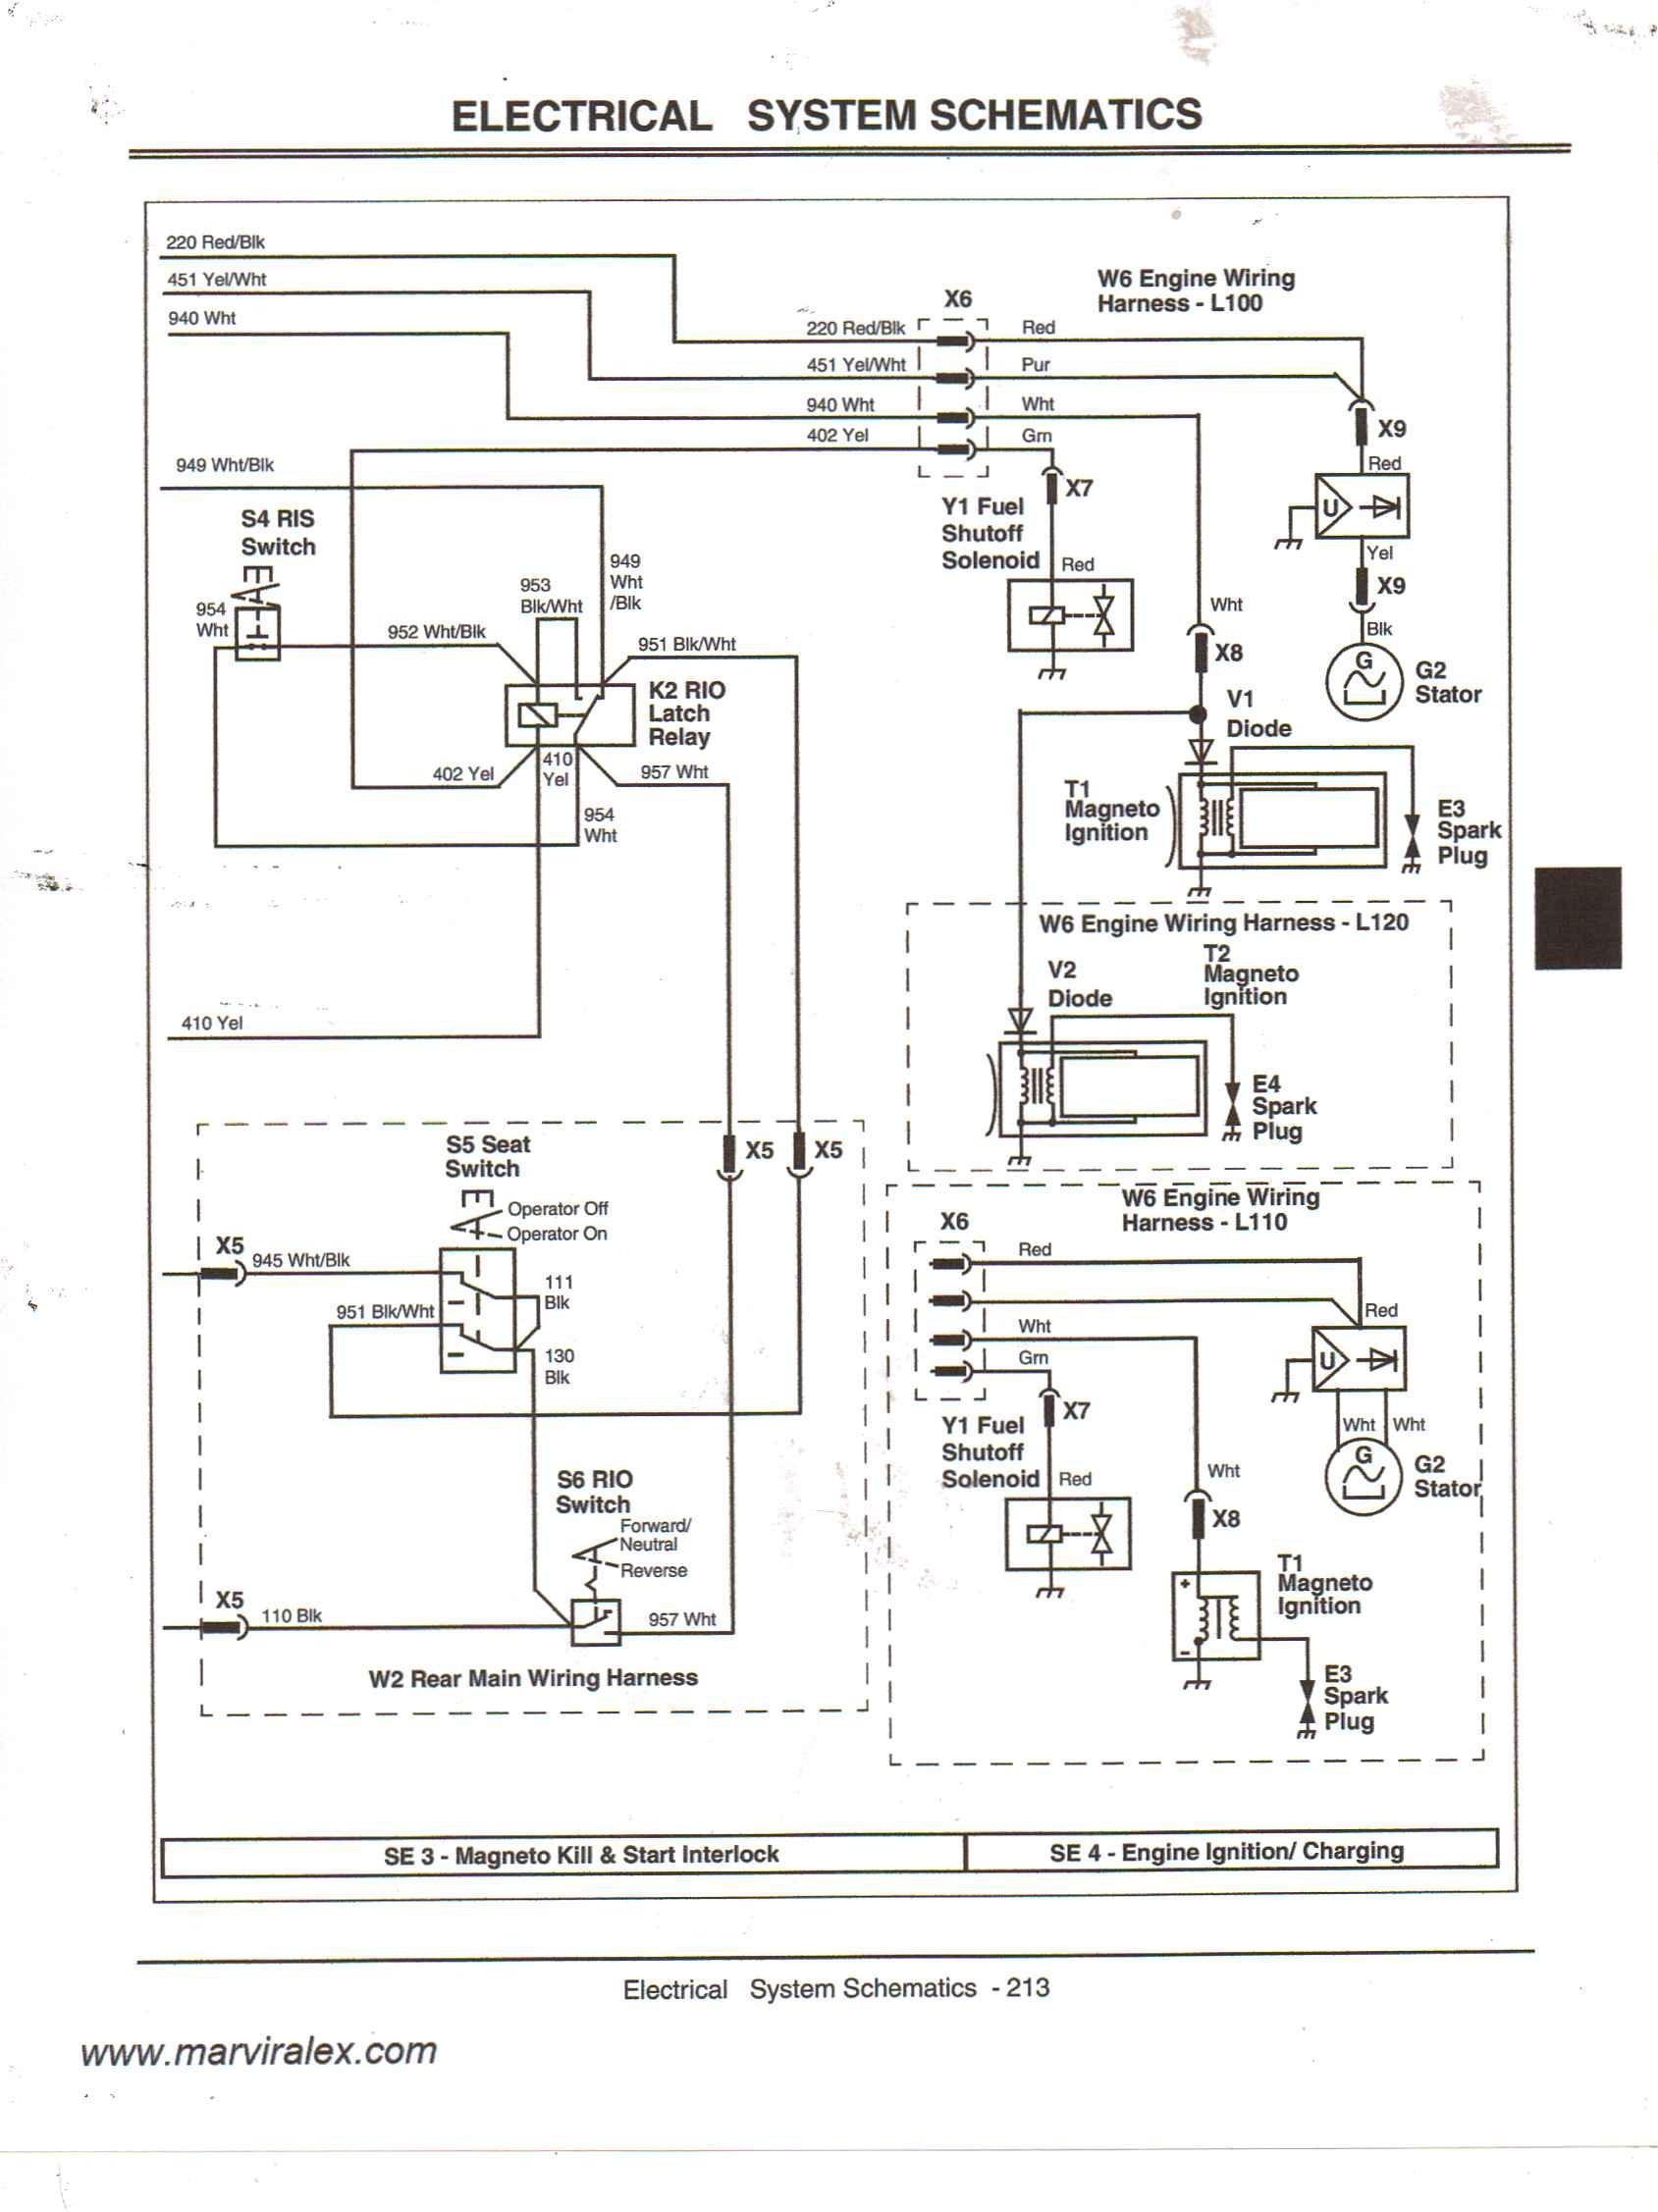 John Deere 318 Wiring Diagram Pdf Ww 1570] for John Deere 1050 Tractor Wiring Diagram Free Diagram Of John Deere 318 Wiring Diagram Pdf Echlin solenoid Switch Wiring Diagram